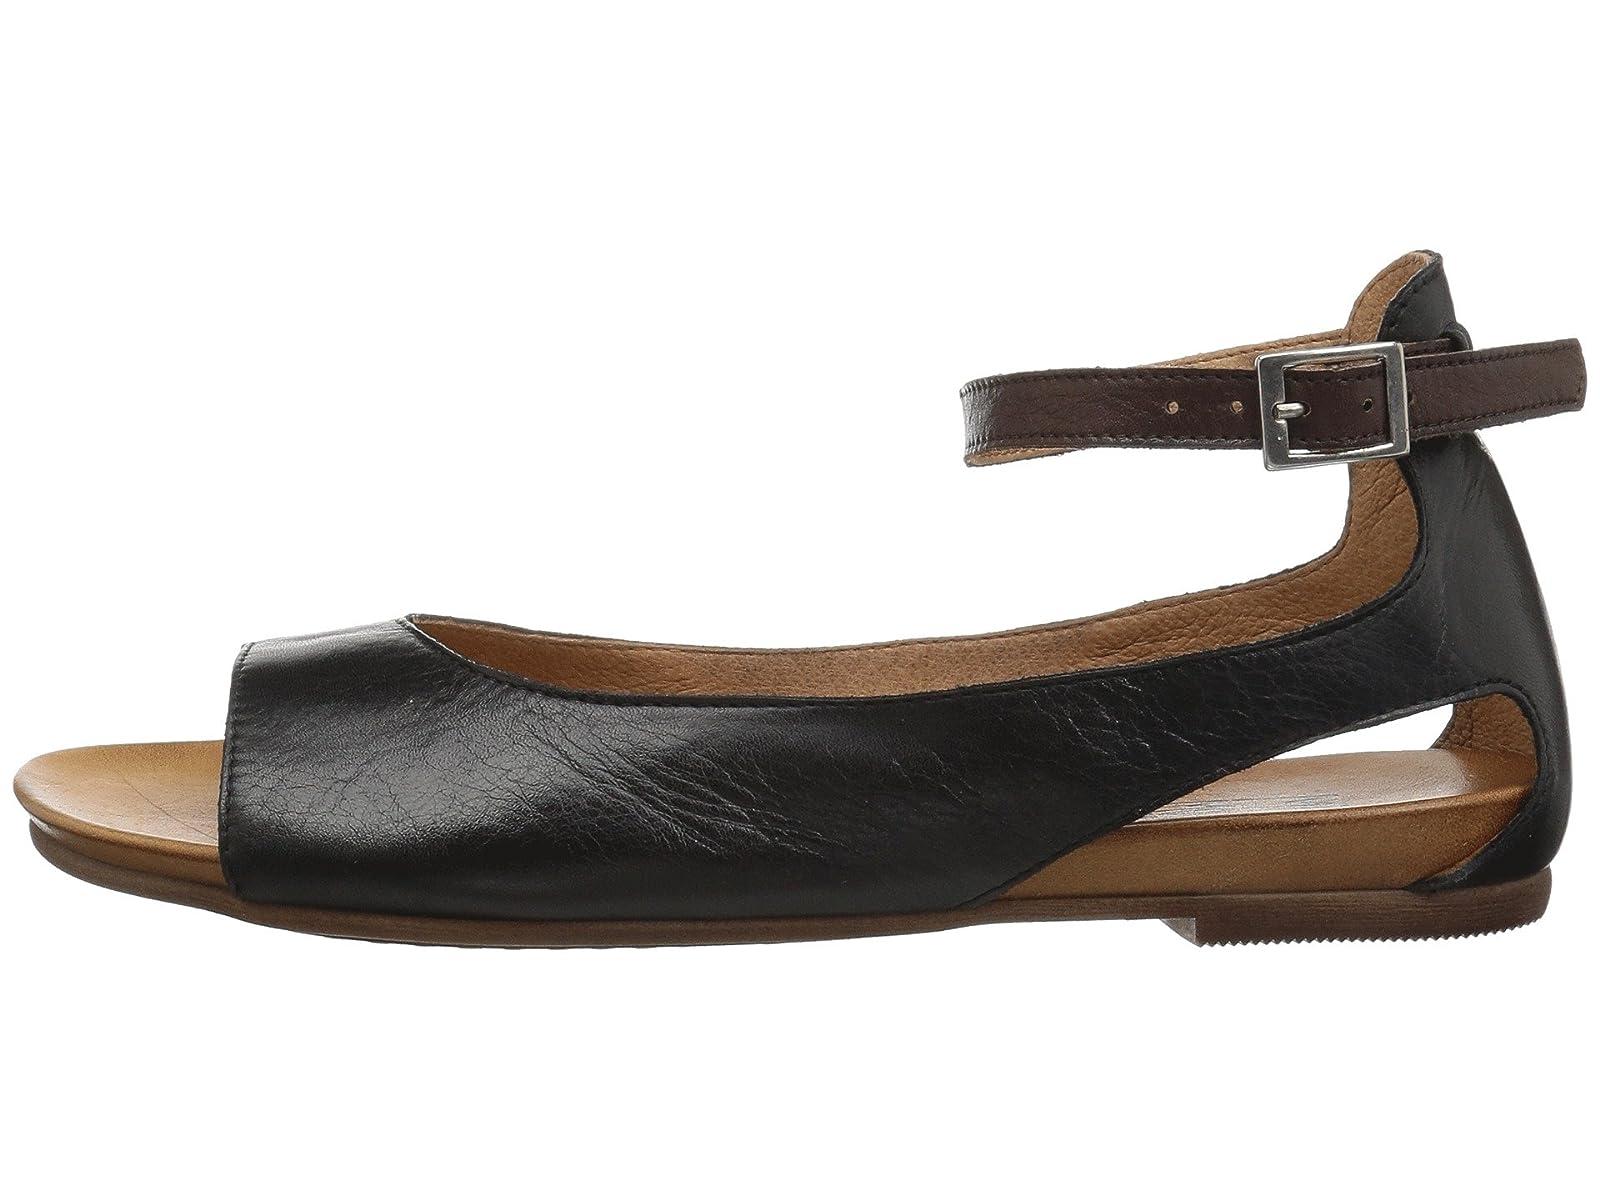 homme / sonyo, femme de marée sas sonyo, / sanyo - liste des chaussures 3802d8